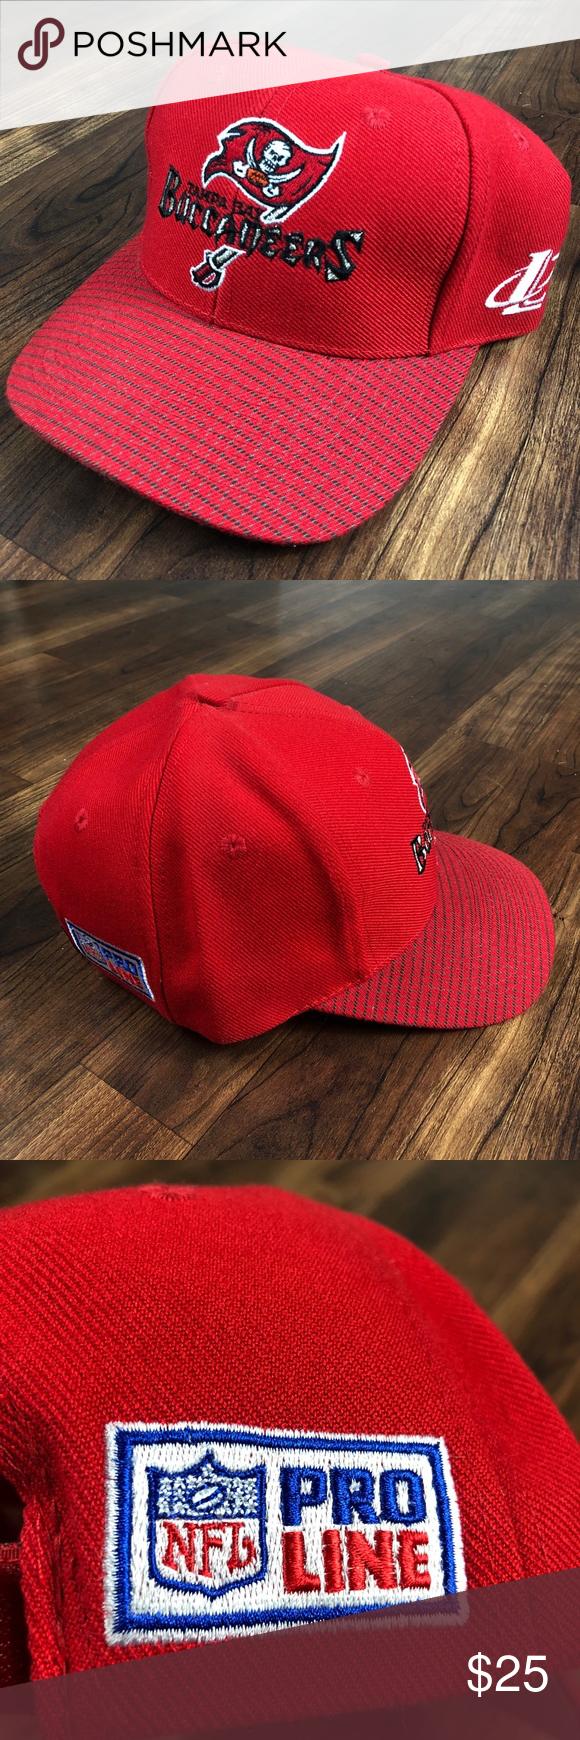 Vintage Logo Athletic Tampa Bay Buccaneers Hat Tampa Bay Buccaneers Hat Vintage Logo Athletic Accessories